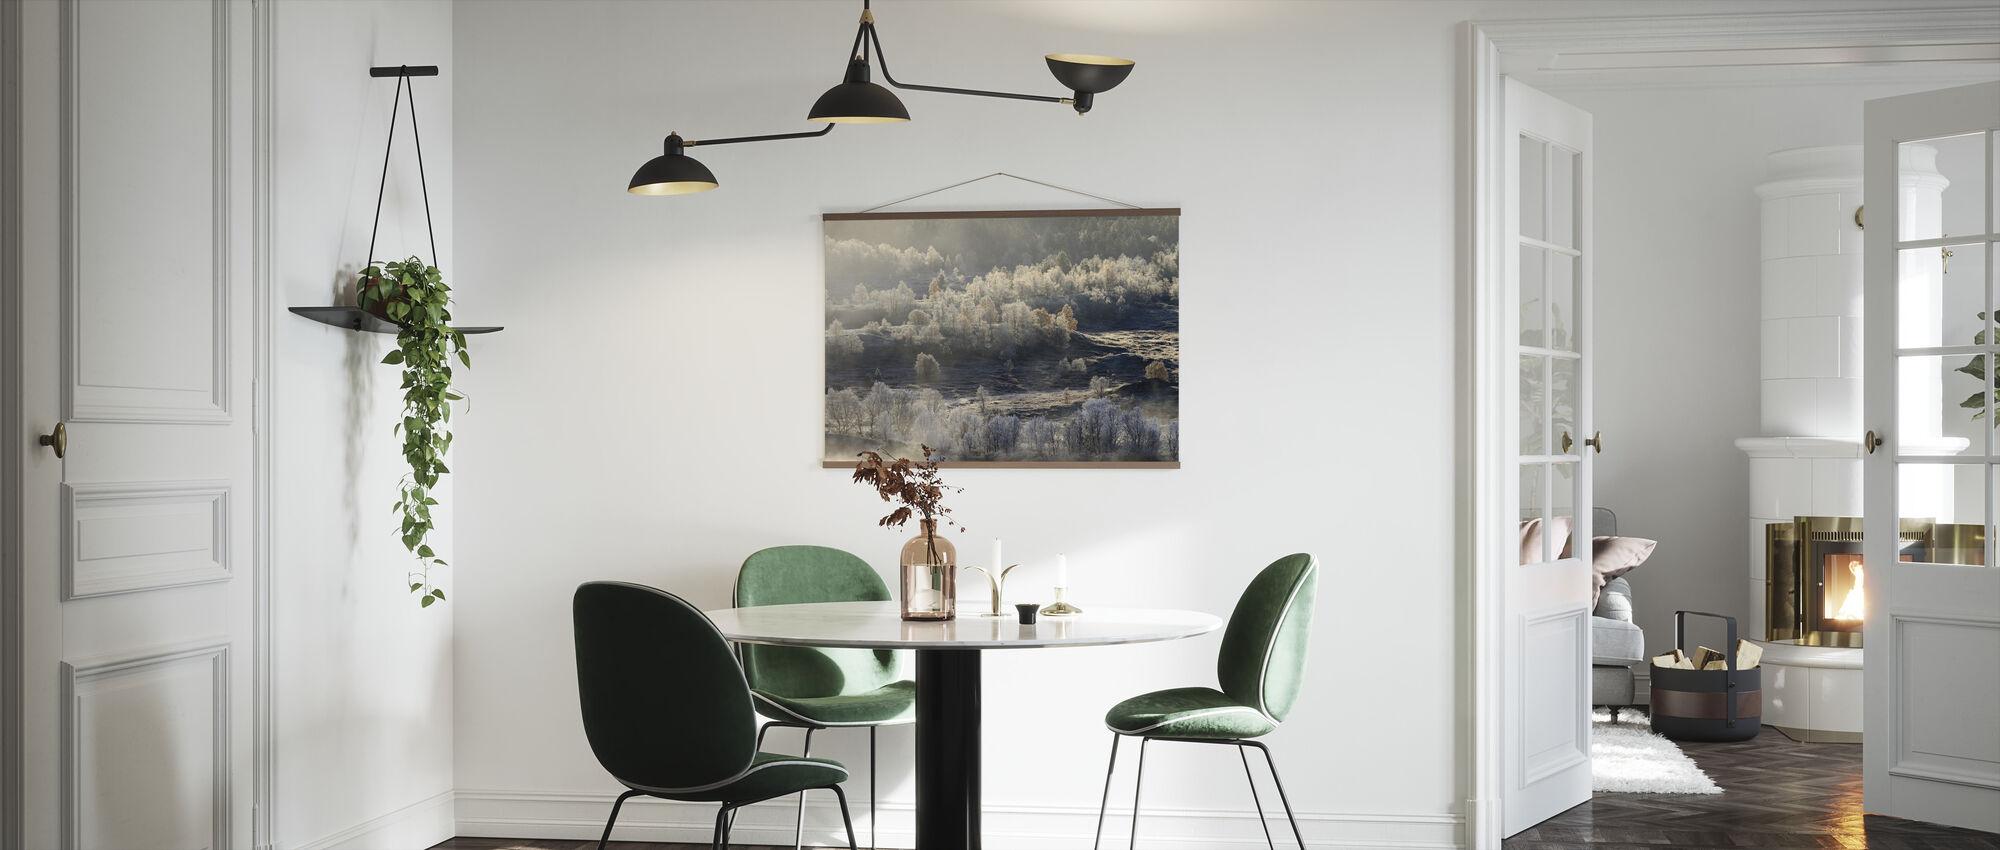 Norsk landskap dekket i Høstfrost - Plakat - Kjøkken